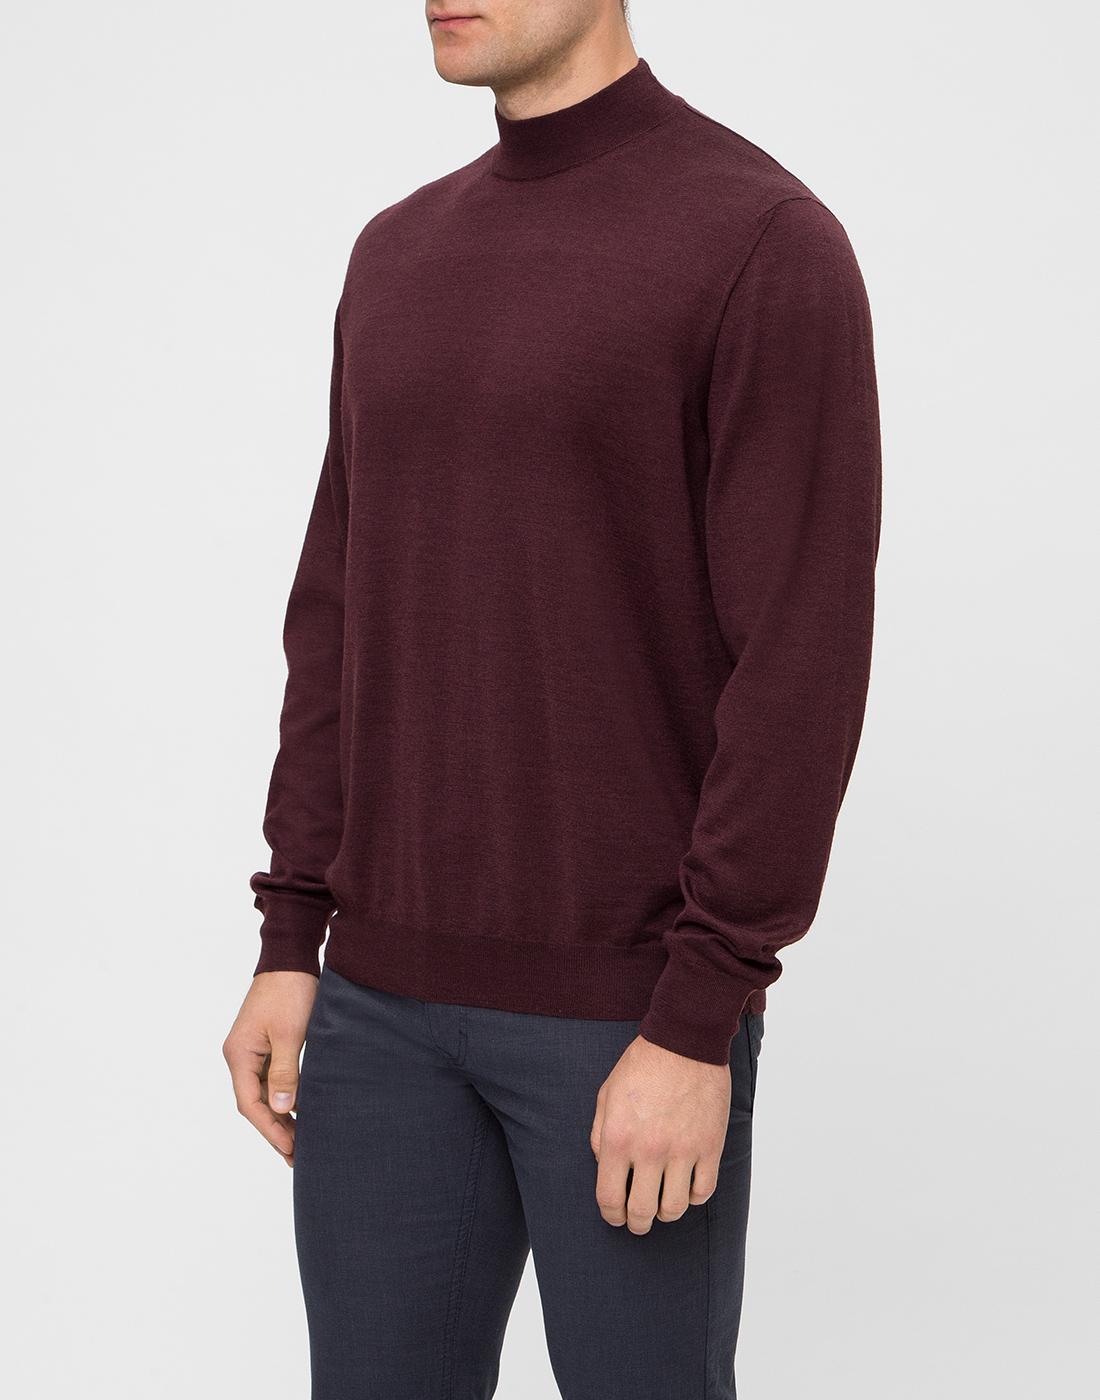 Мужской бордовый шерстяной свитер Dalmine S797020 835-3